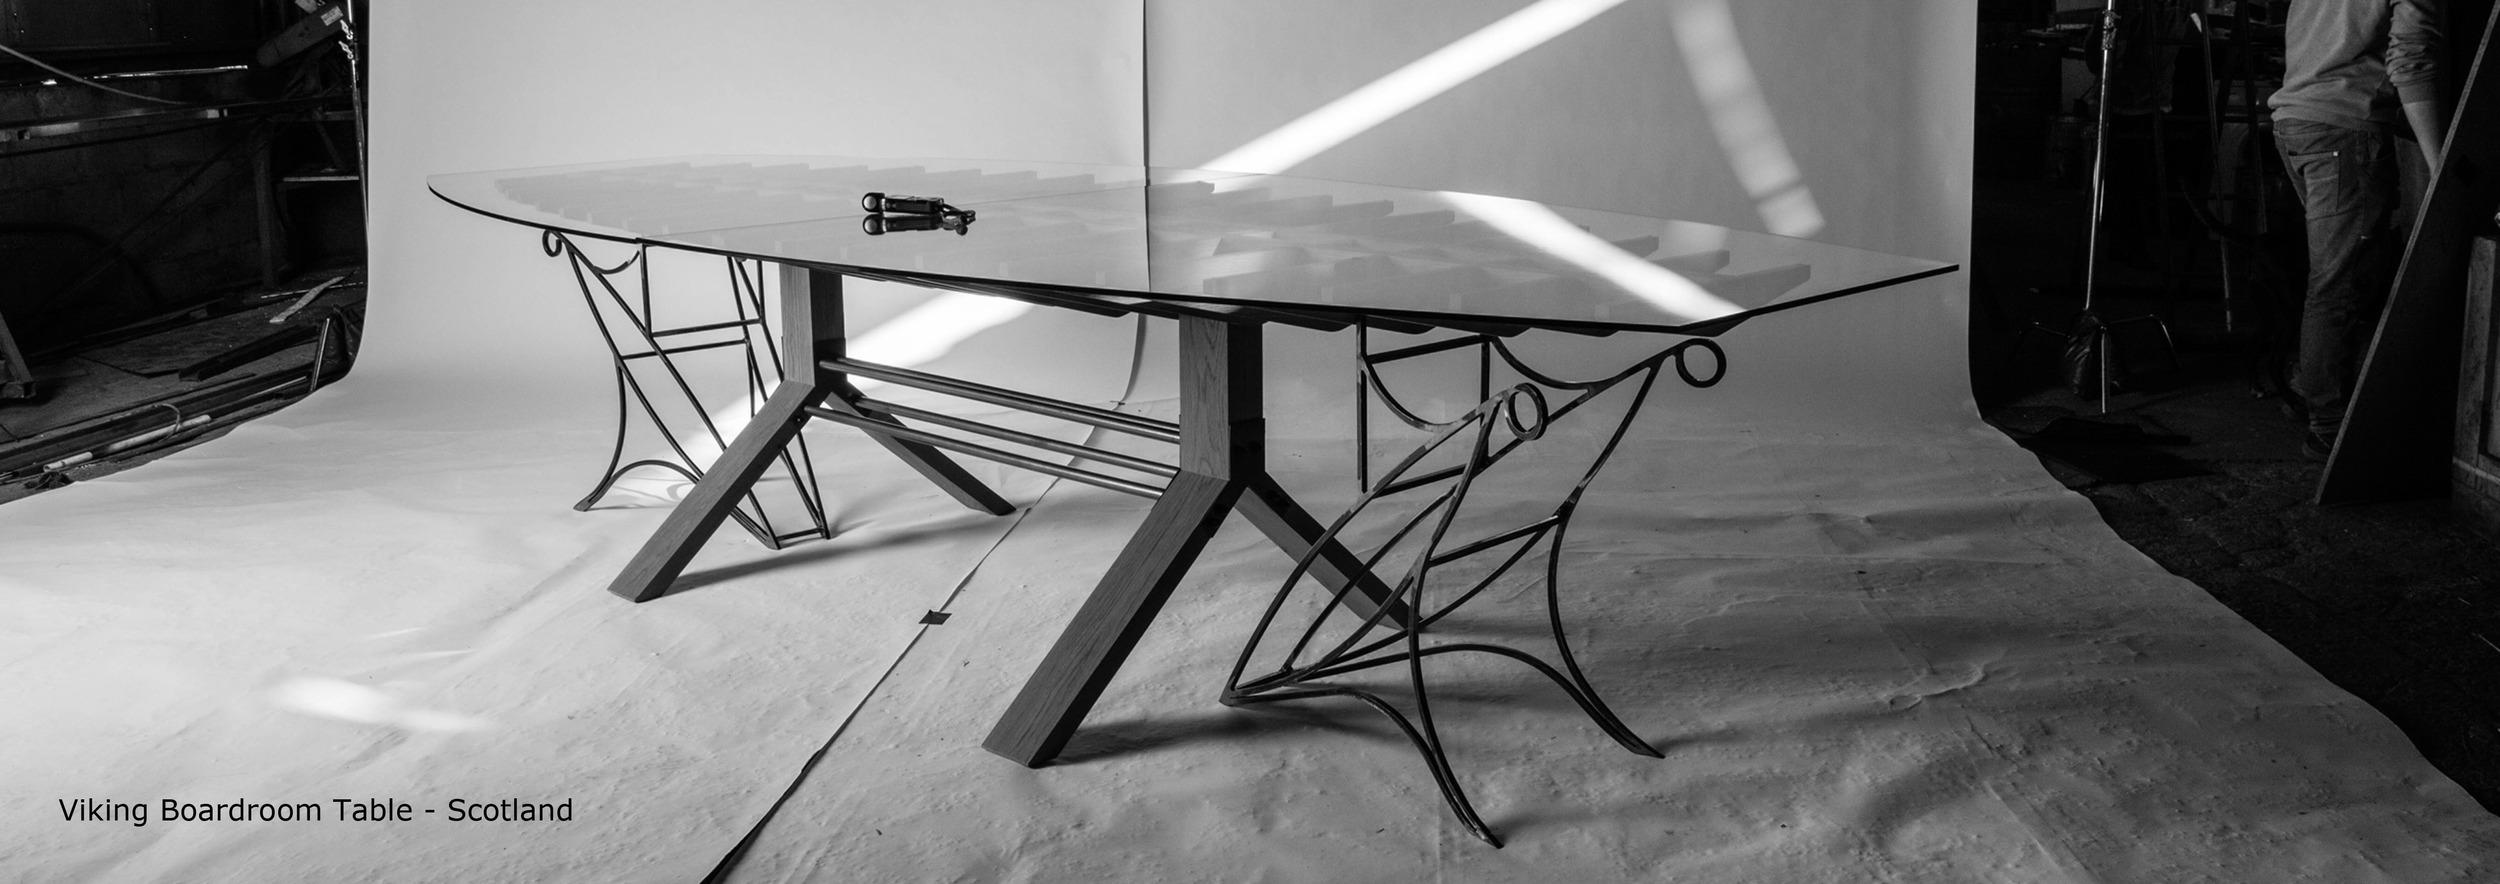 viking table cover.jpg